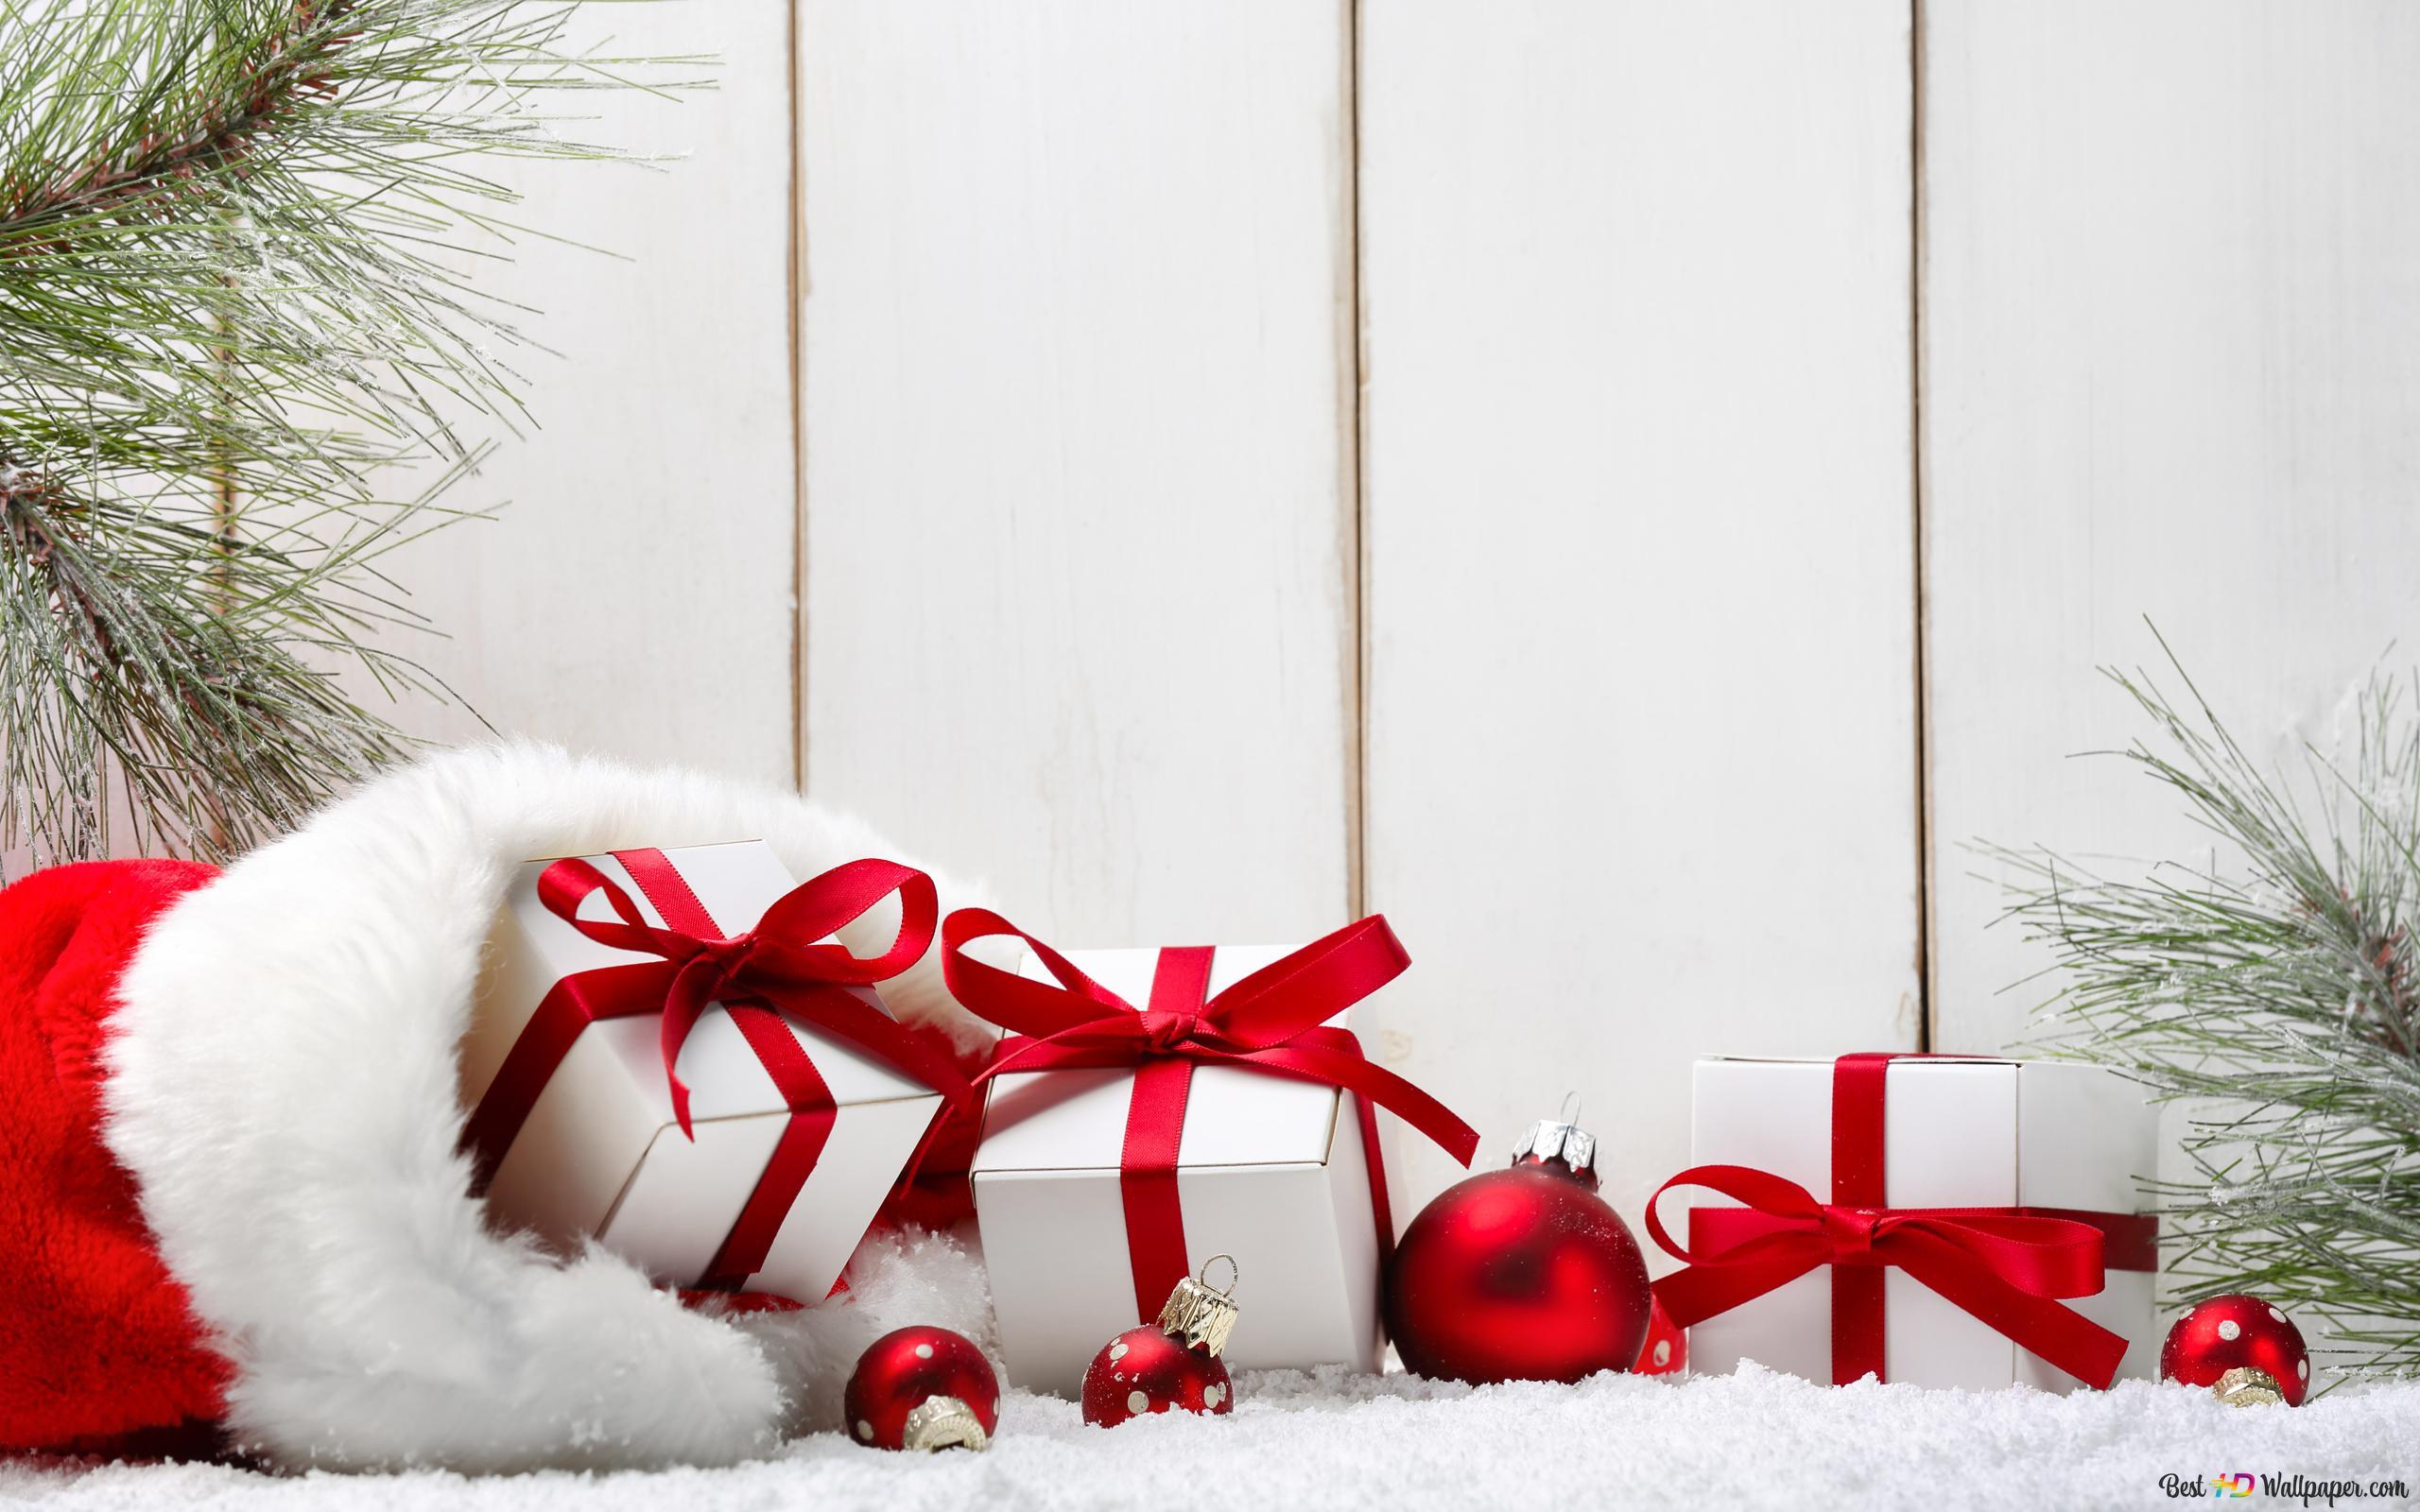 Sfondi Natalizi 1366x768.Regali Di Natale In Sacco Rosso Download Di Sfondi Hd